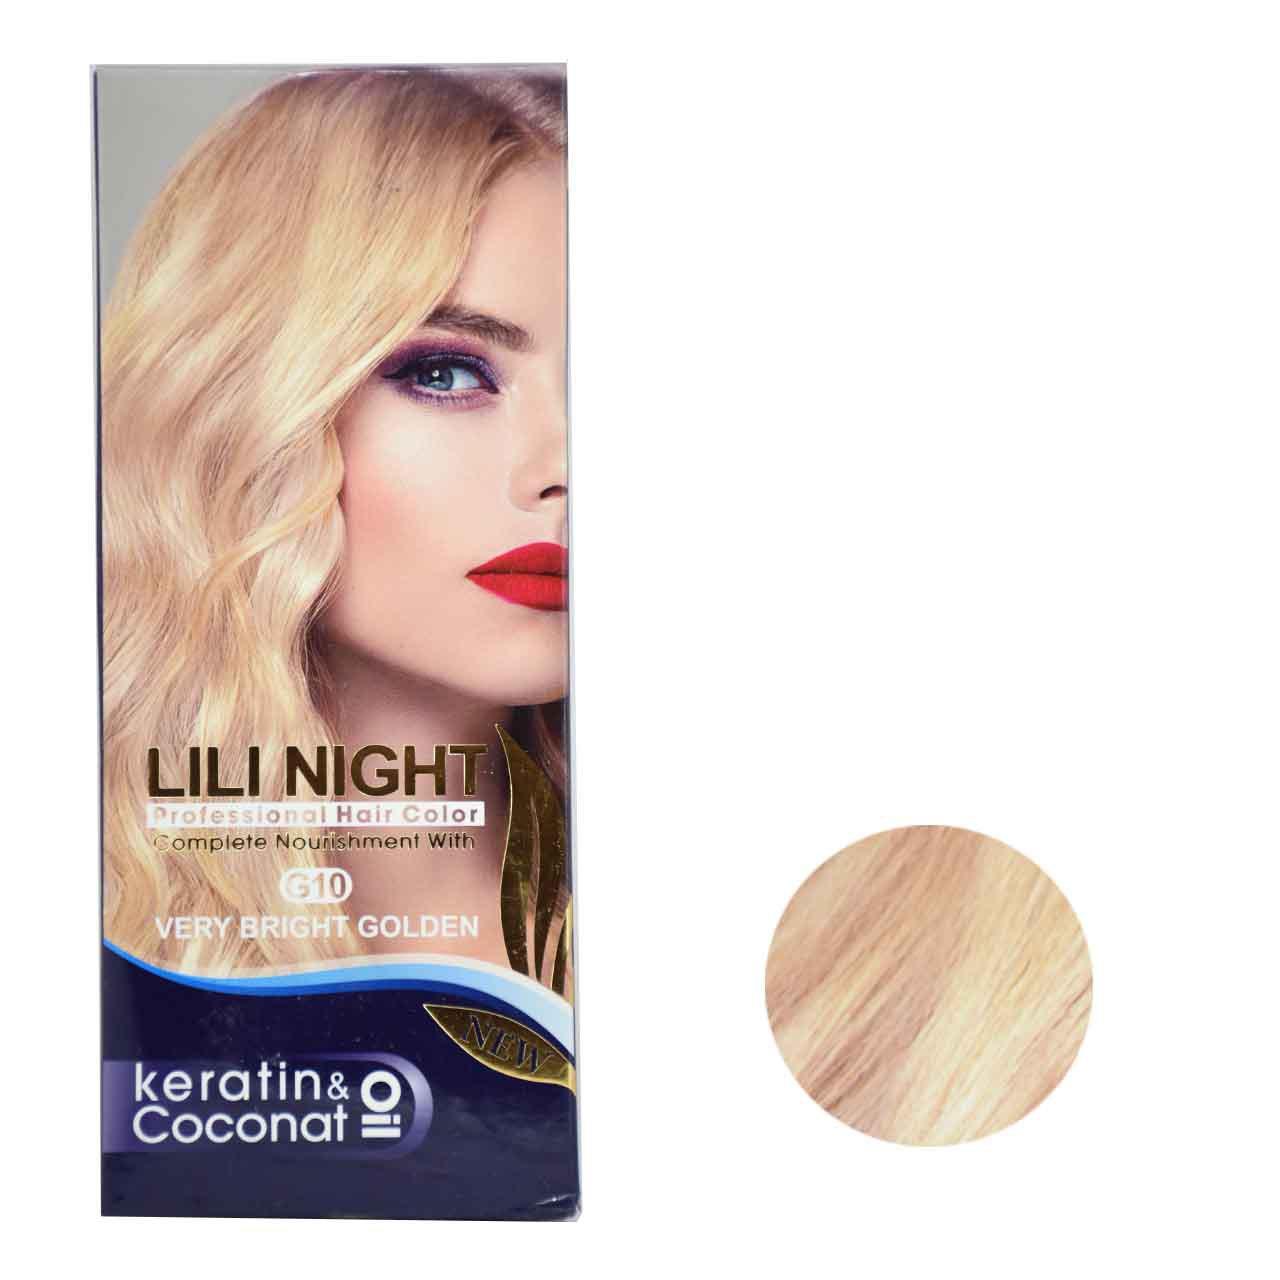 کیت رنگ مو لی لی نایت شماره G10 حجم 120 میلی لیتر رنگ بلوند طلایی بسیار روشن